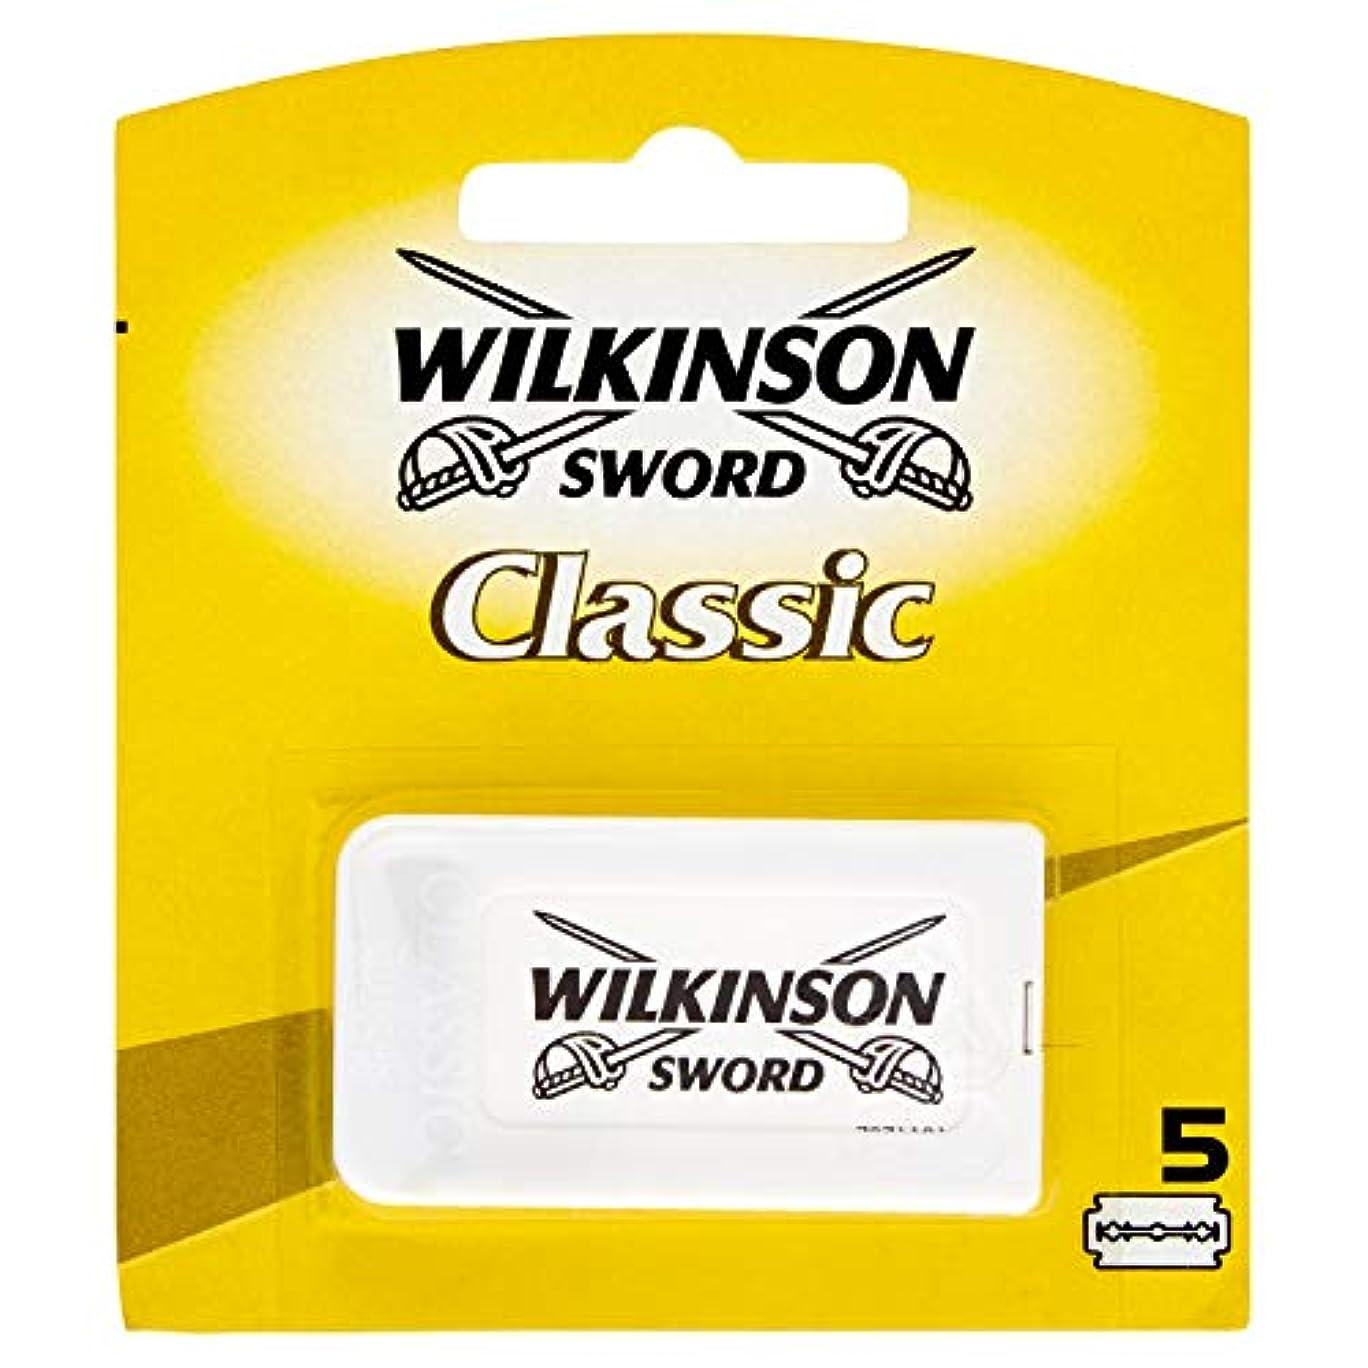 アーサー医学高めるWilkinson Sword(ウィルキンソンソード) Classic 両刃替刃 5個入り [並行輸入品]